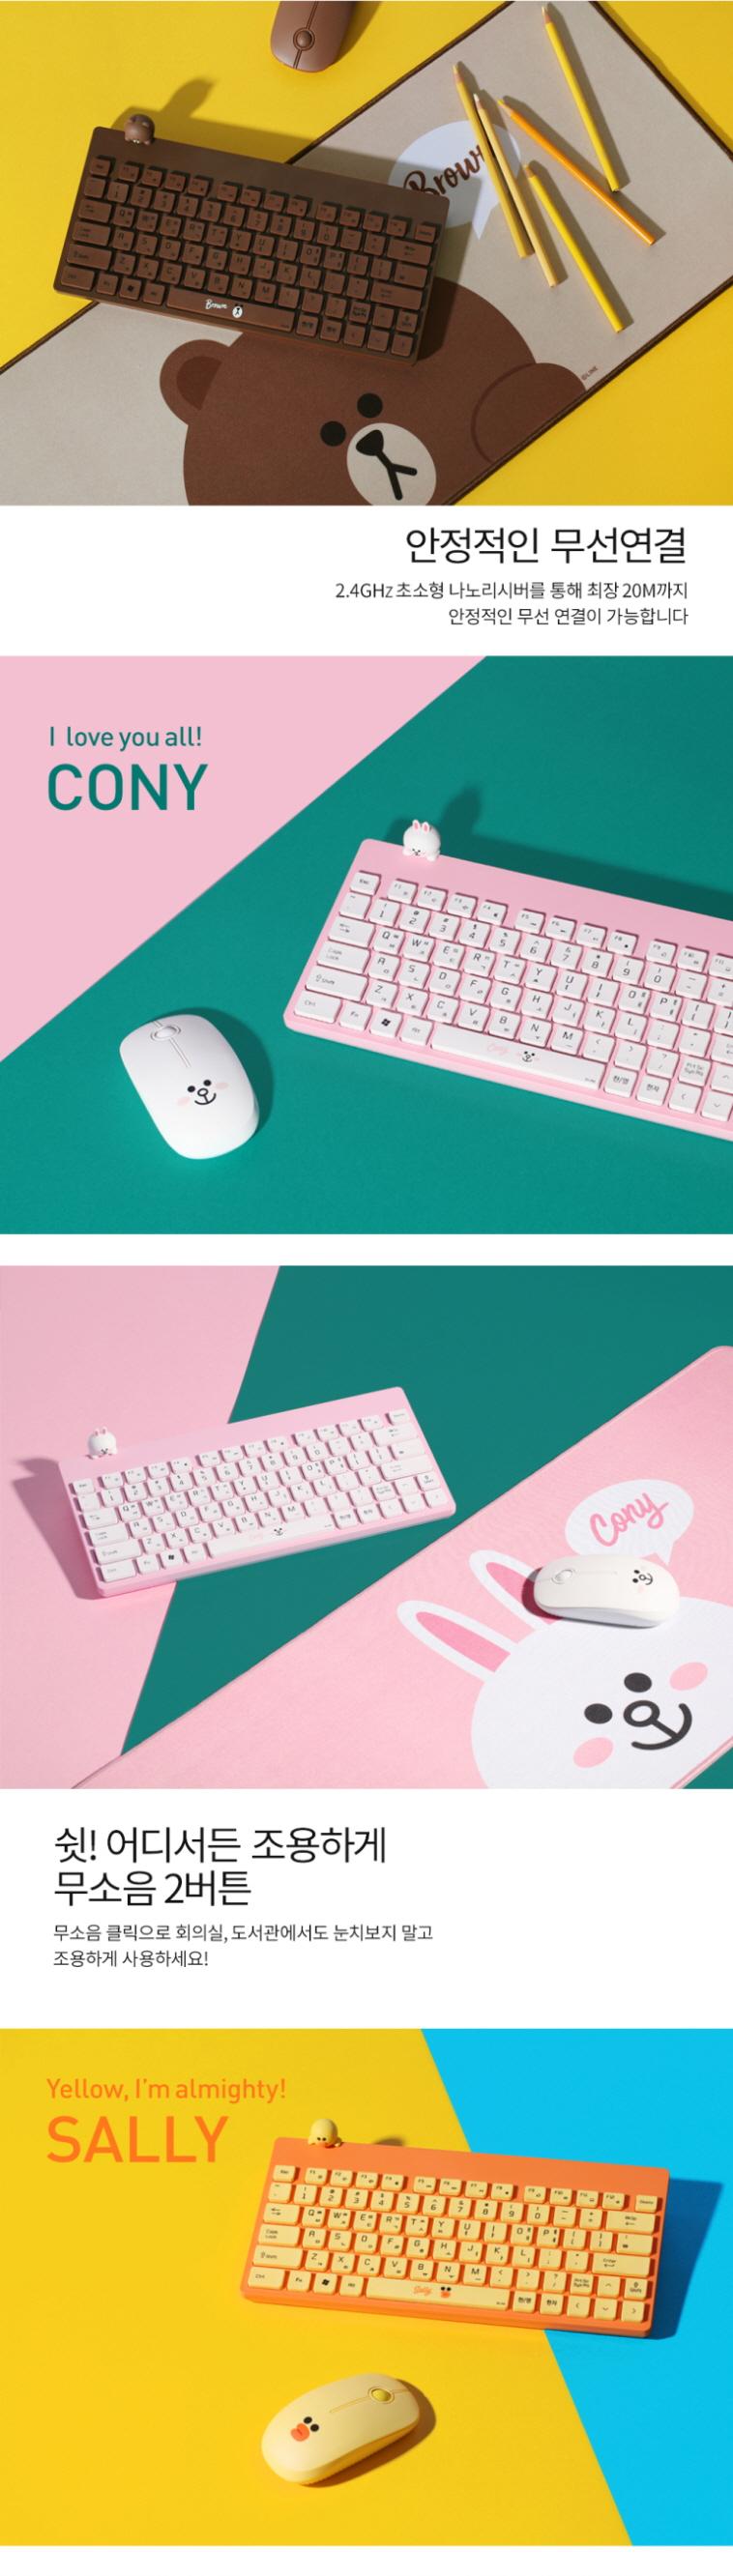 라인프렌즈+마우스+상페2.jpg